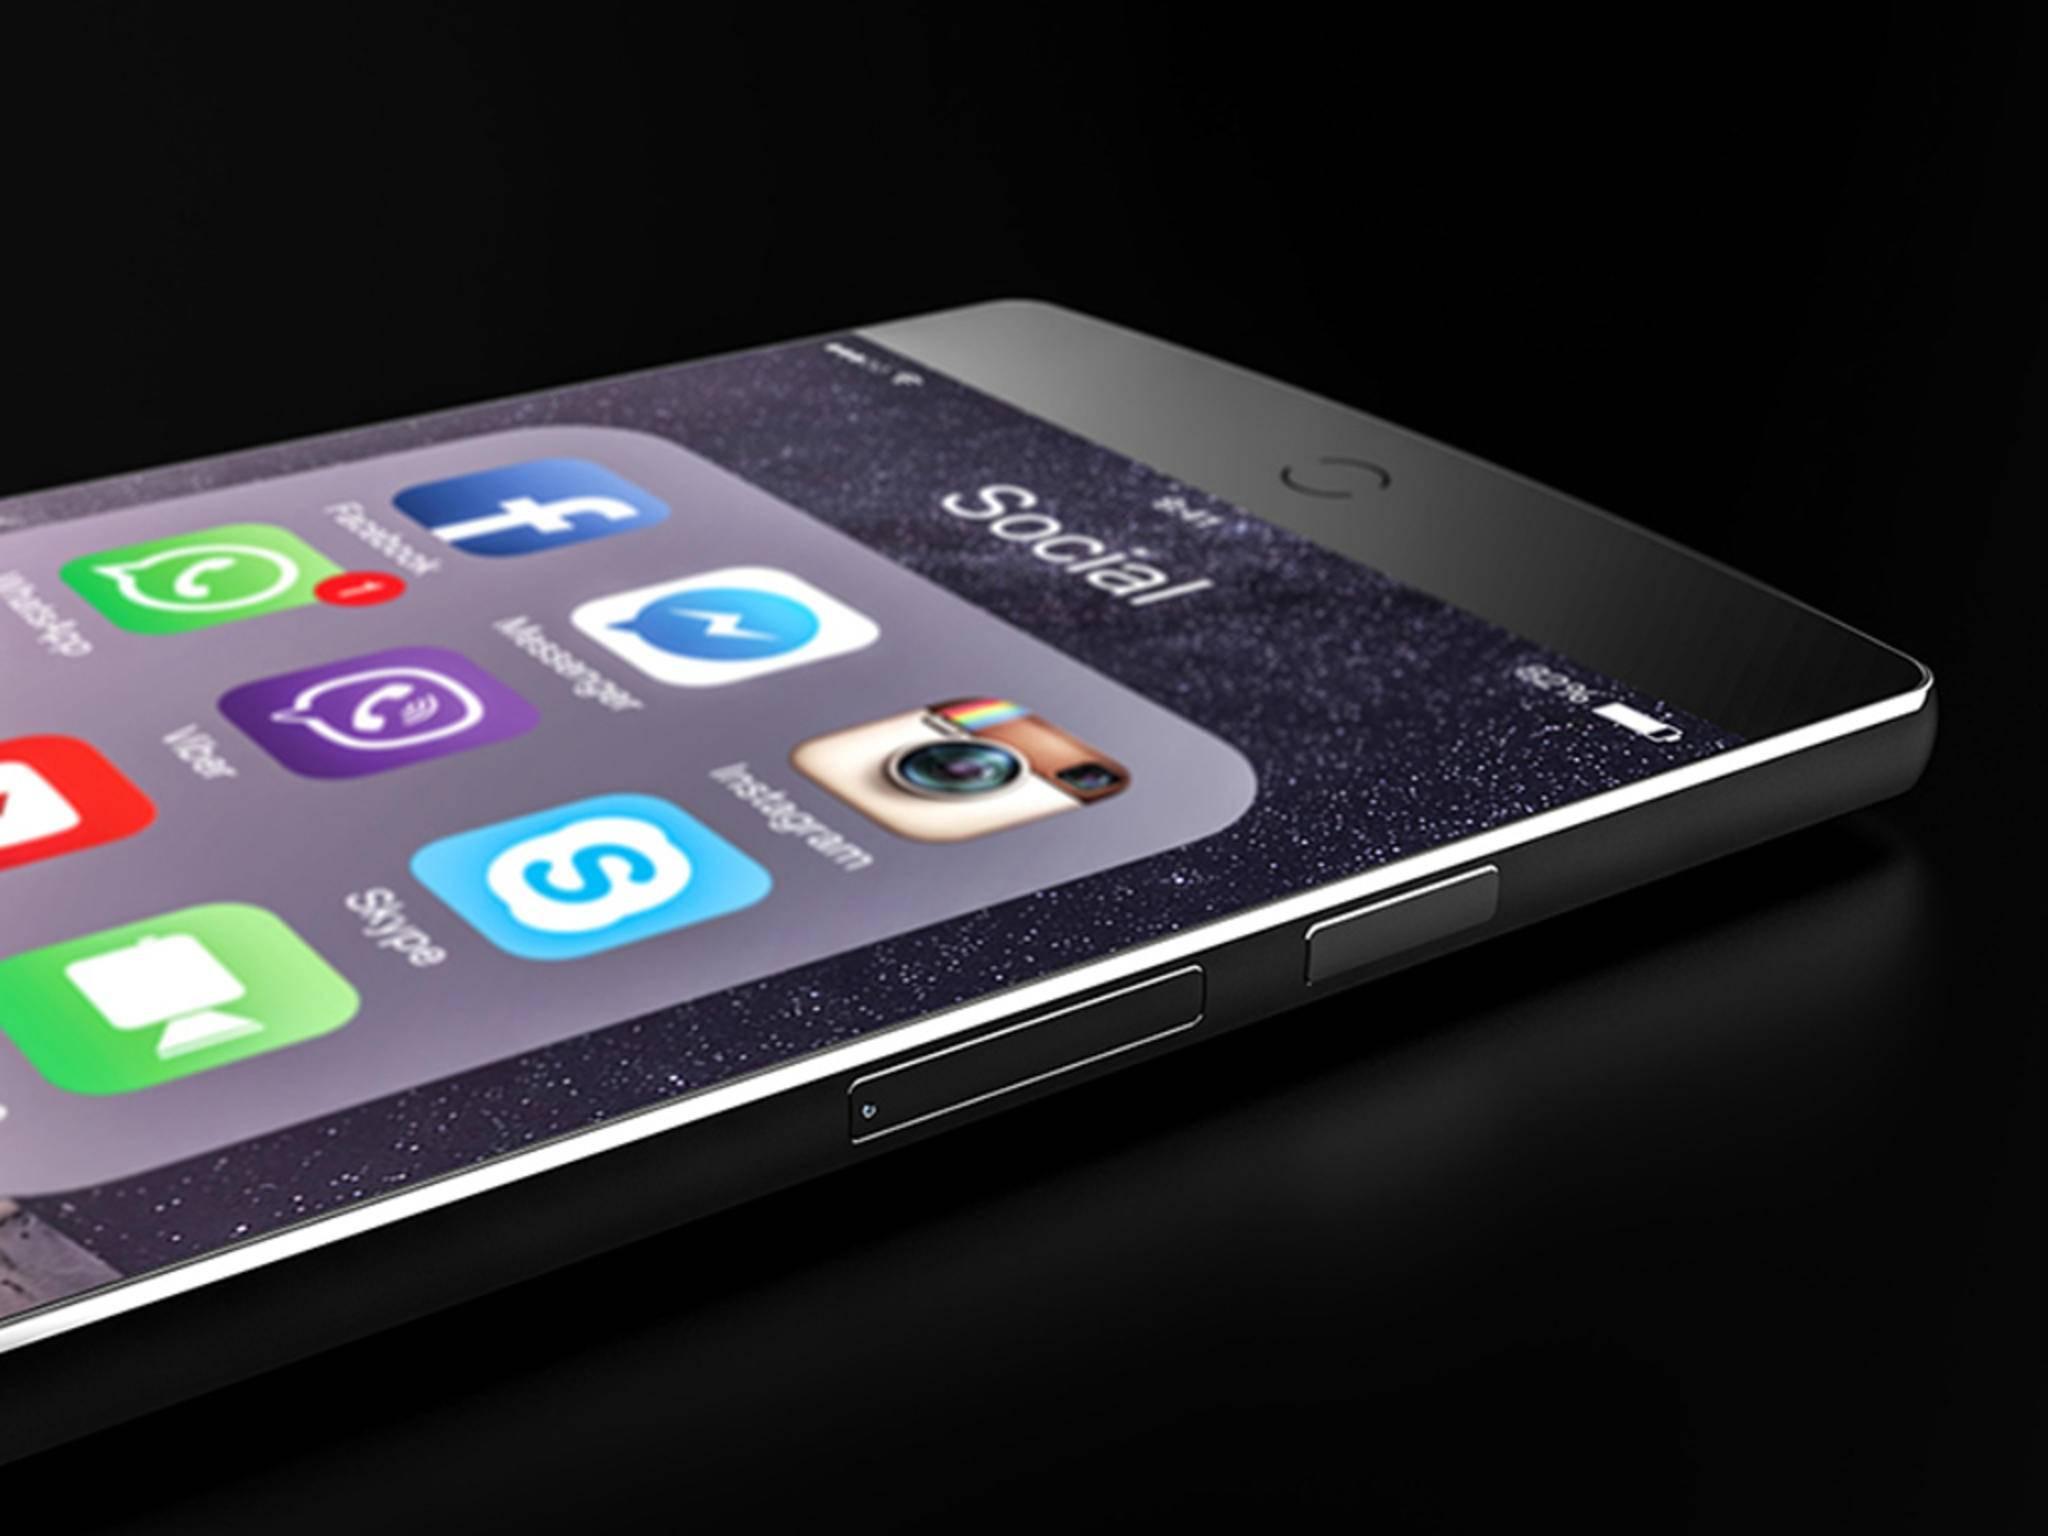 Arbeitet das iPhone 7 nur noch mit Lightning-Kopfhörern zusammen?